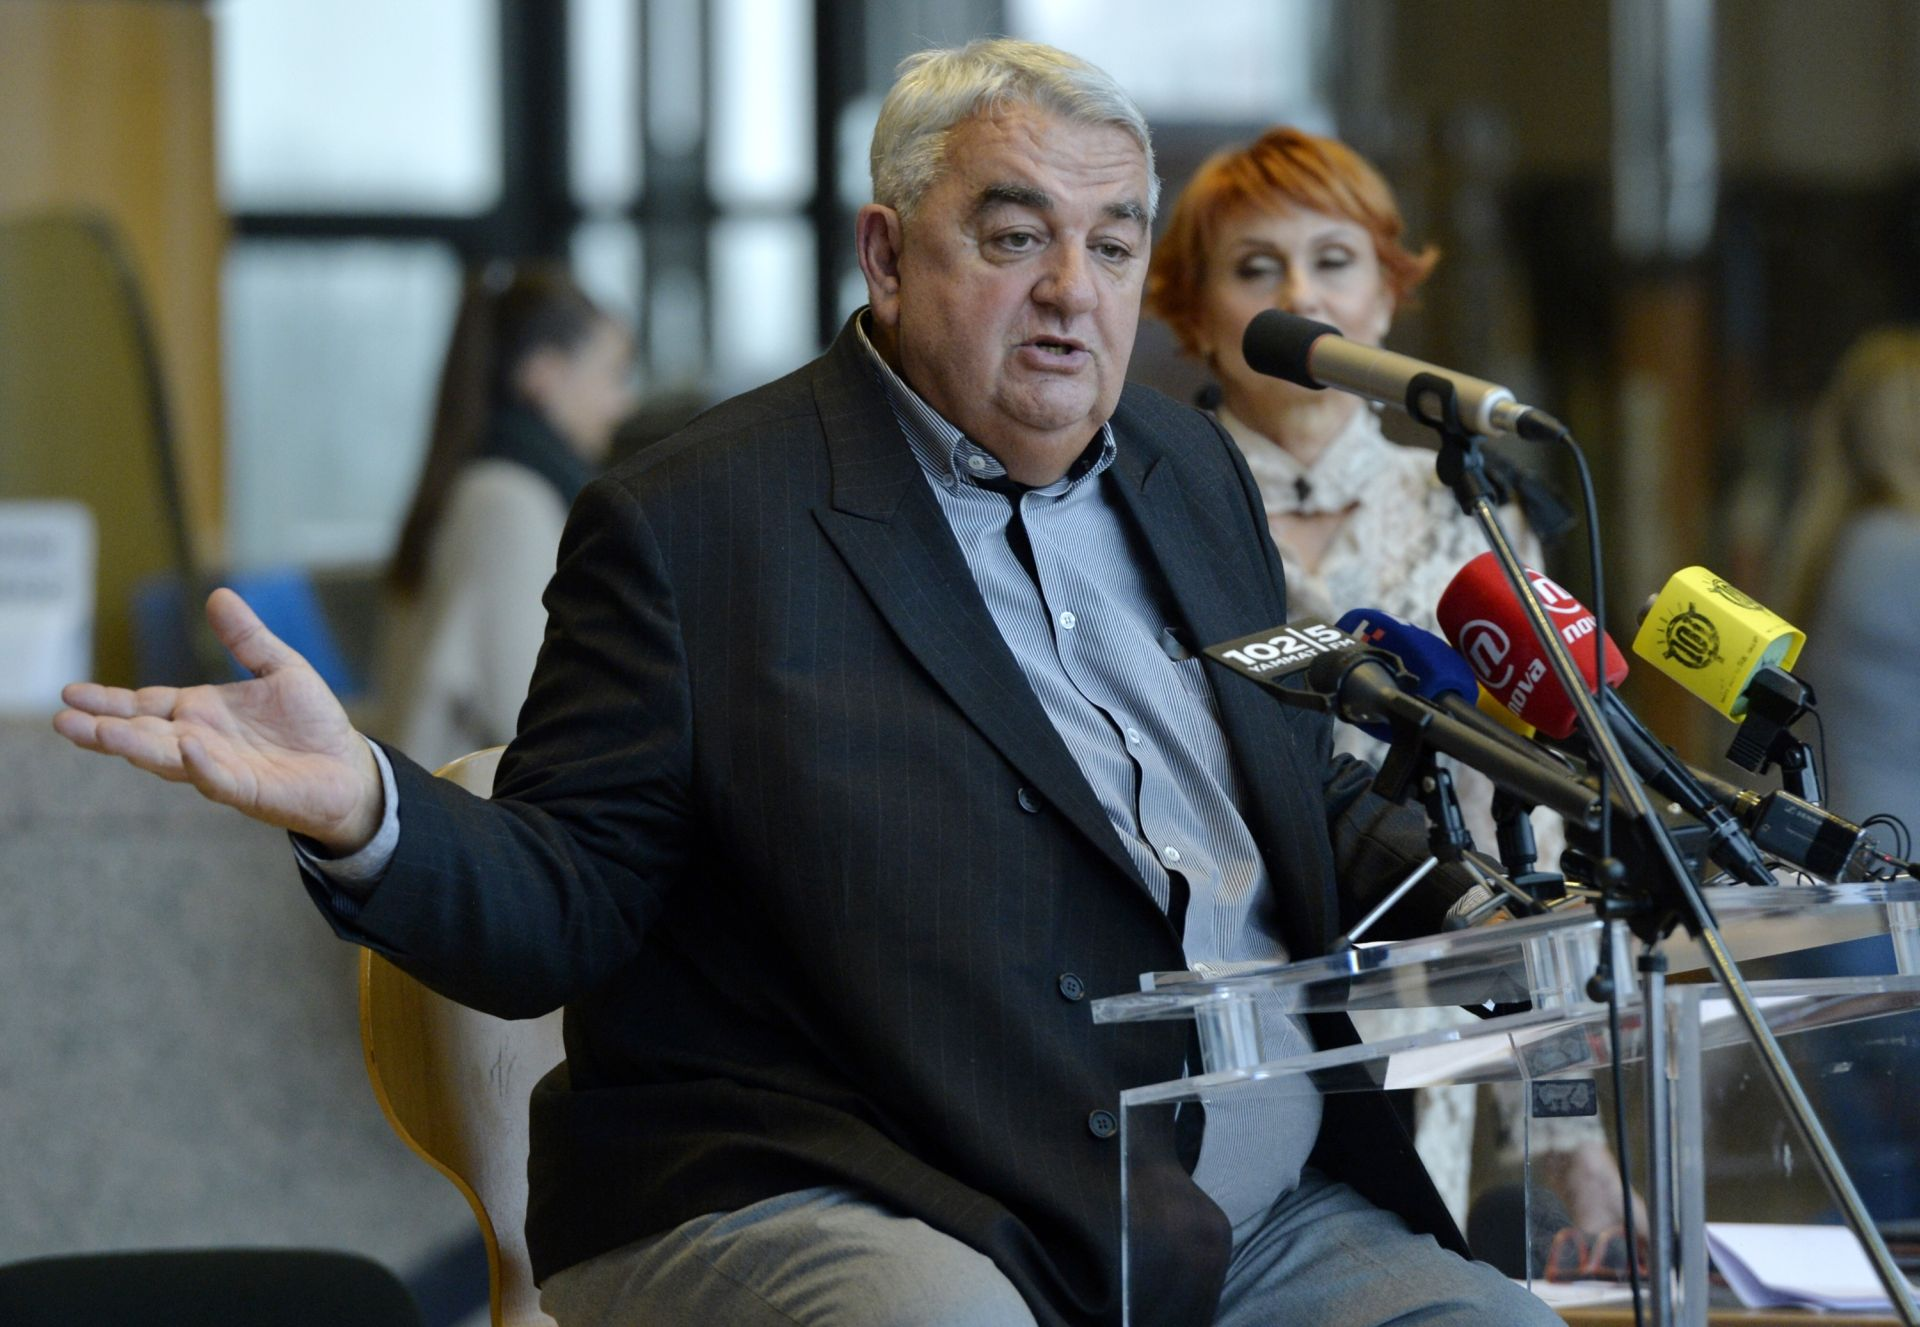 HND osudio huškačke laži Ivana Zvonimira Čička o novinarkama Nacionala i N1